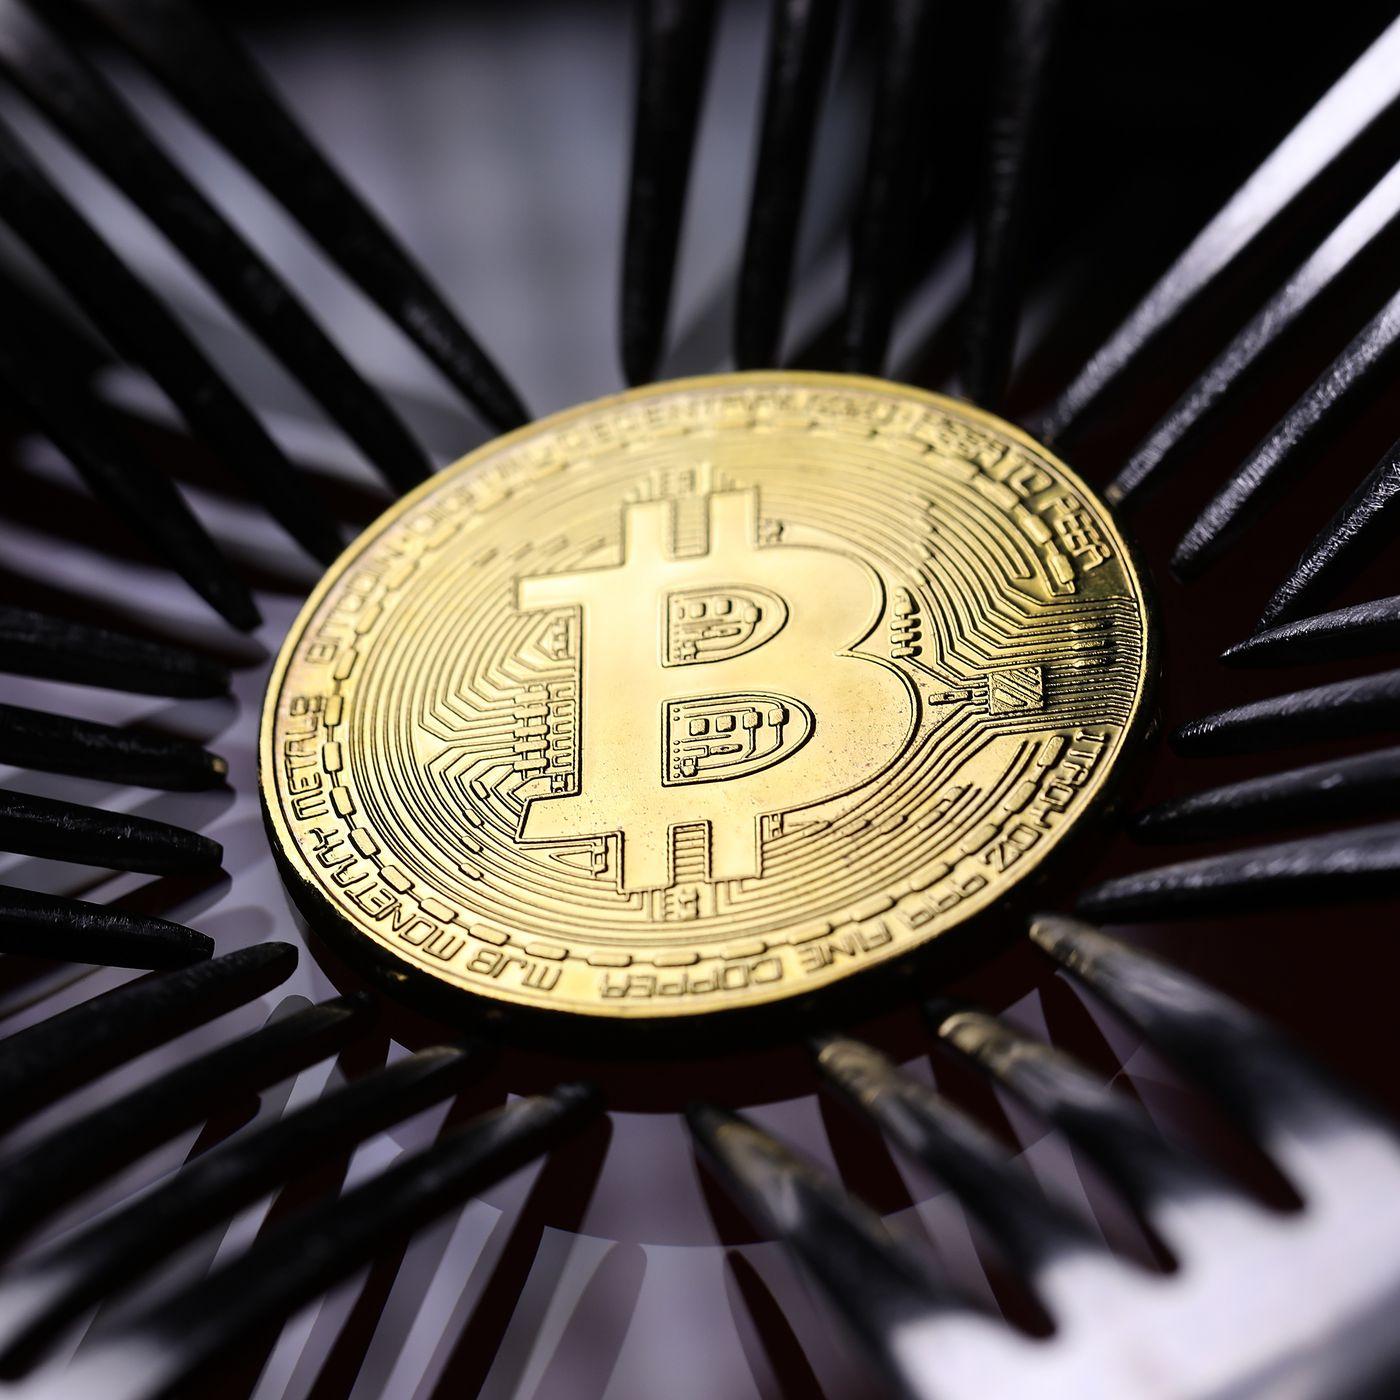 cum să câștigi mulți bani rapid este ușor și cum funcționează bitcoins pentru manechine